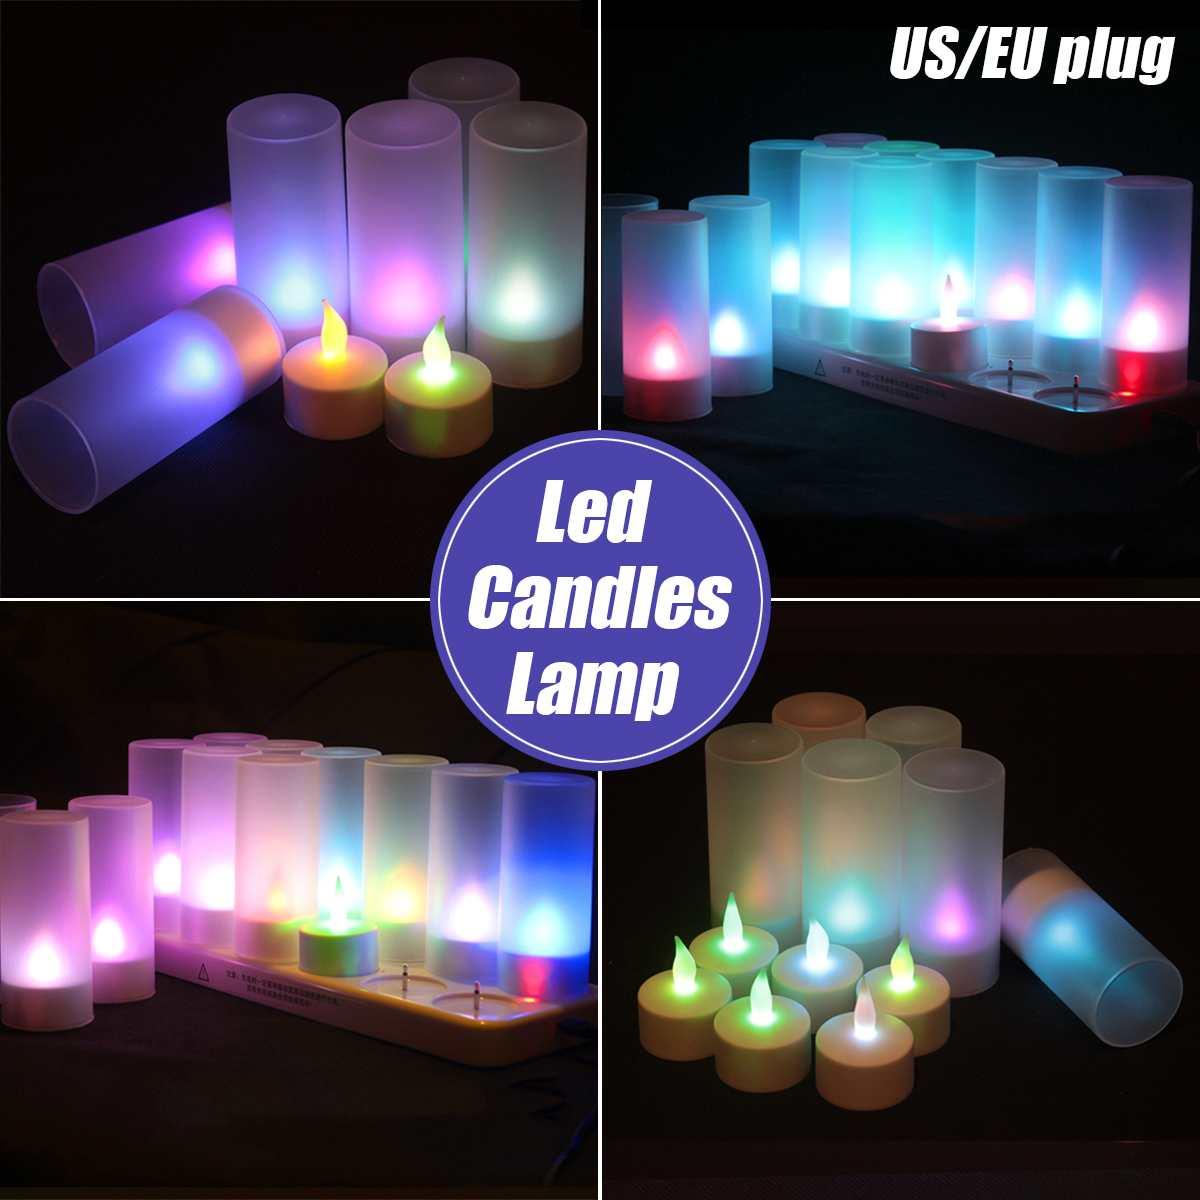 12 pièces LED bougie thé lumière batterie alimenté lampe Simulation couleur flamme clignotant maison mariage fête d'anniversaire décoration bougies